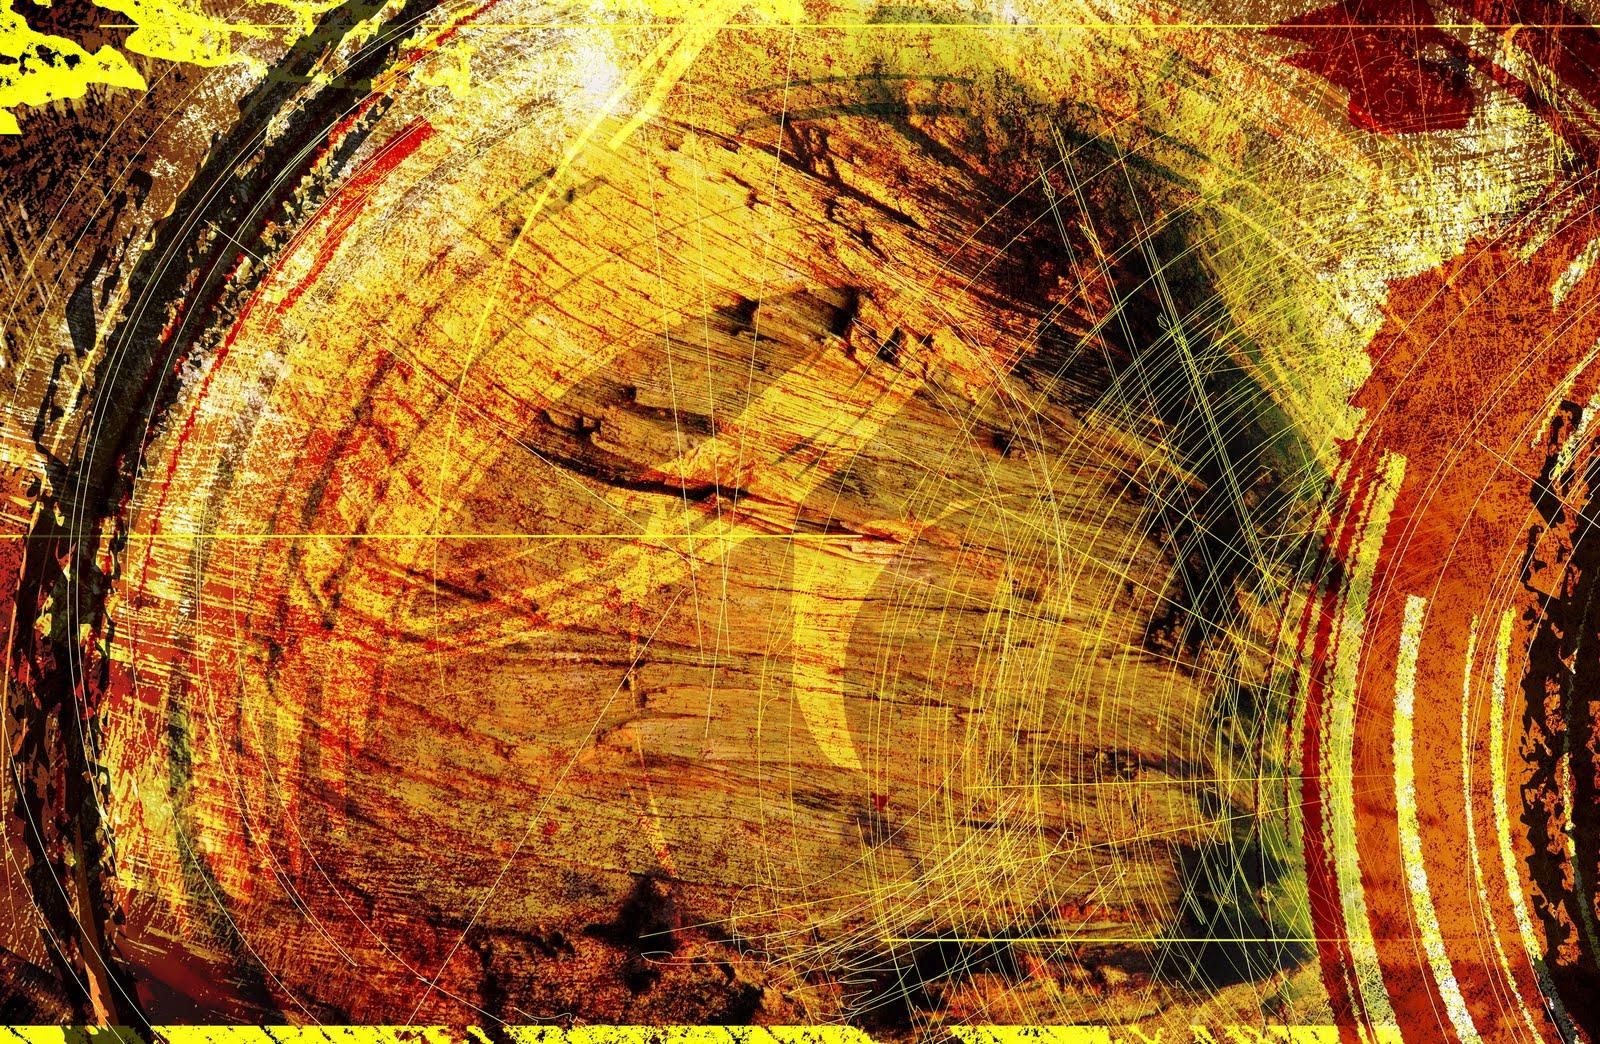 BANCO DE IMGENES Texturas y fondos abstractos parte I